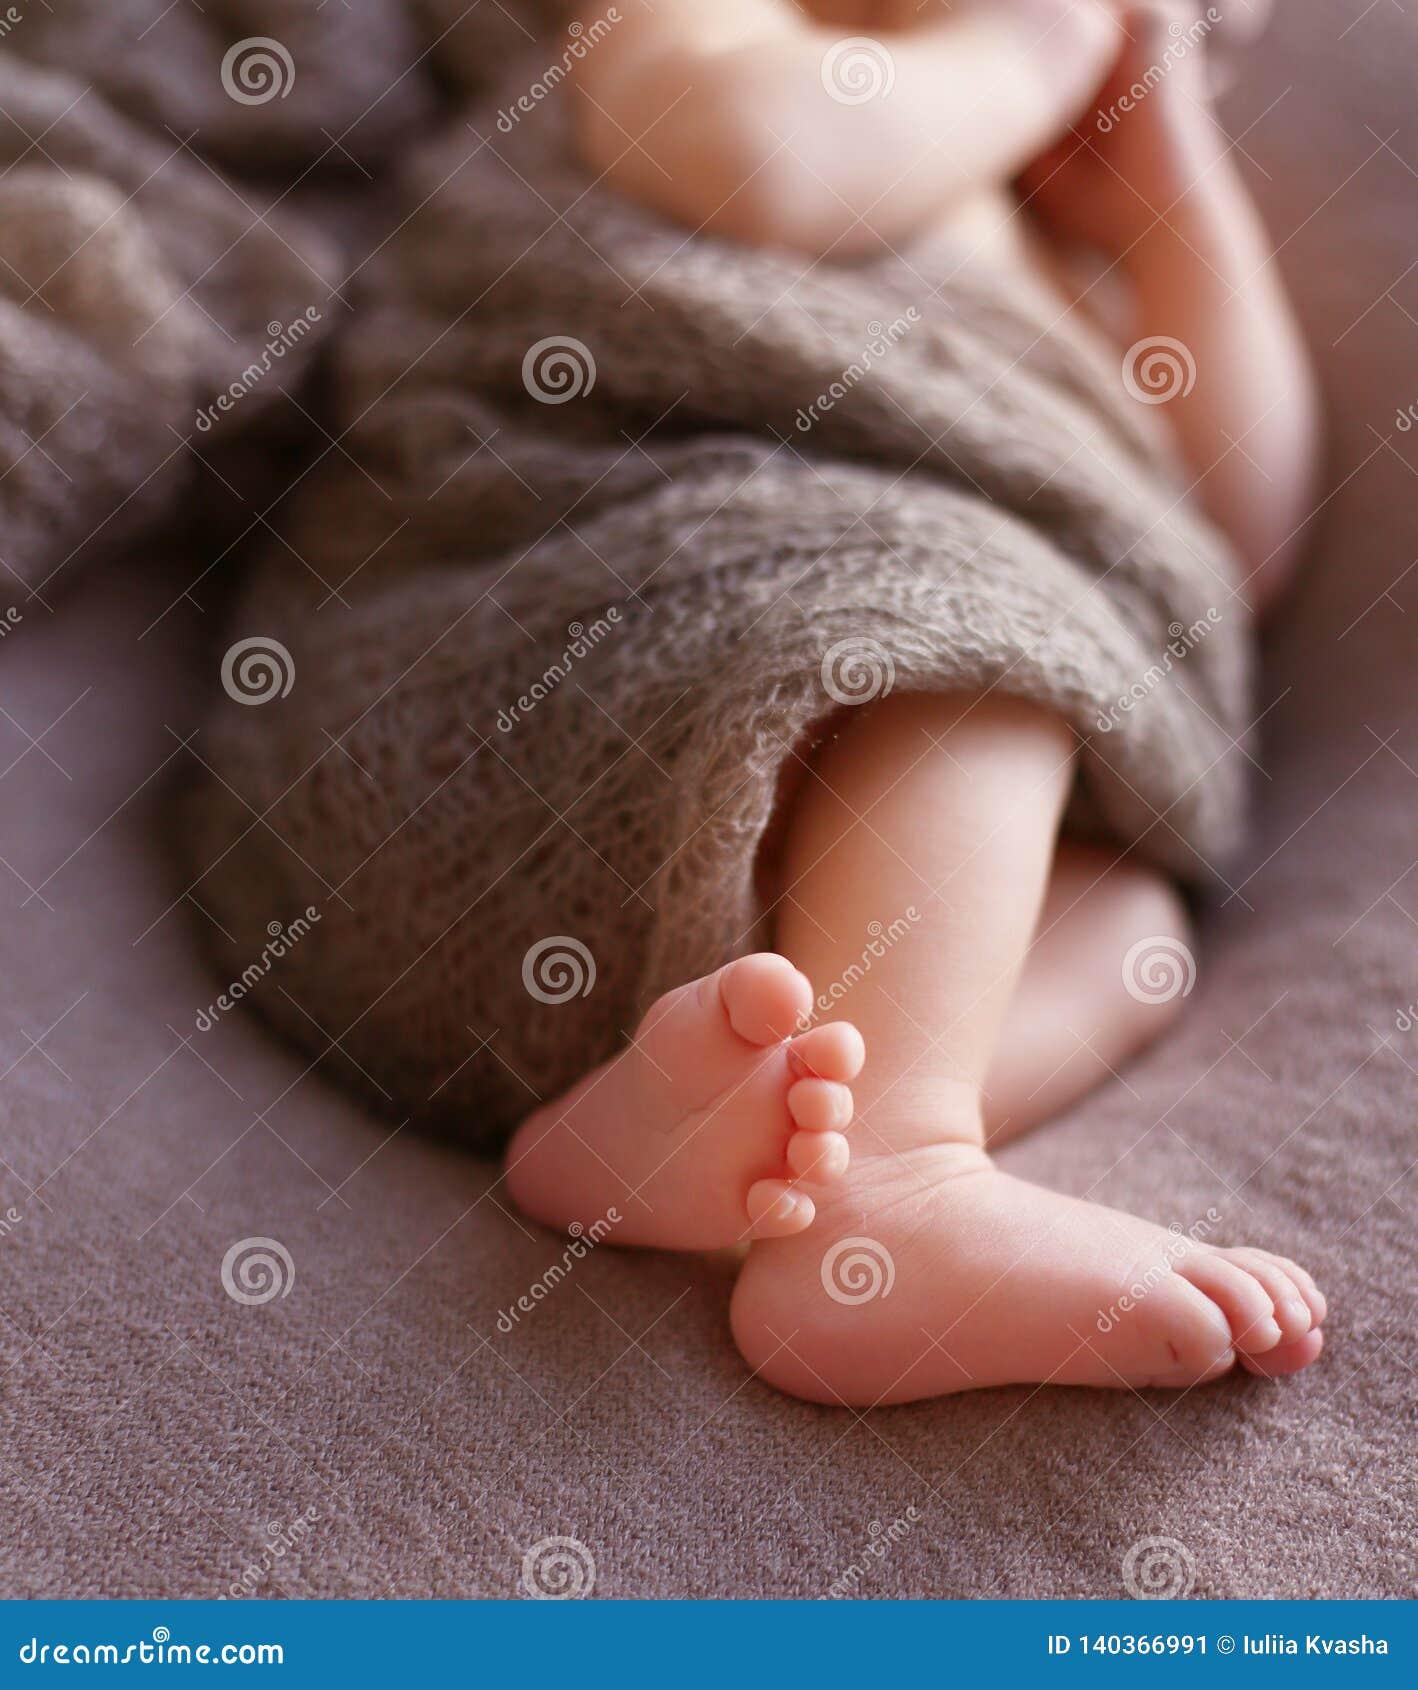 Pies apacibles del bebé Fondo borroso apacible de los pies y de los talones de un recién nacido